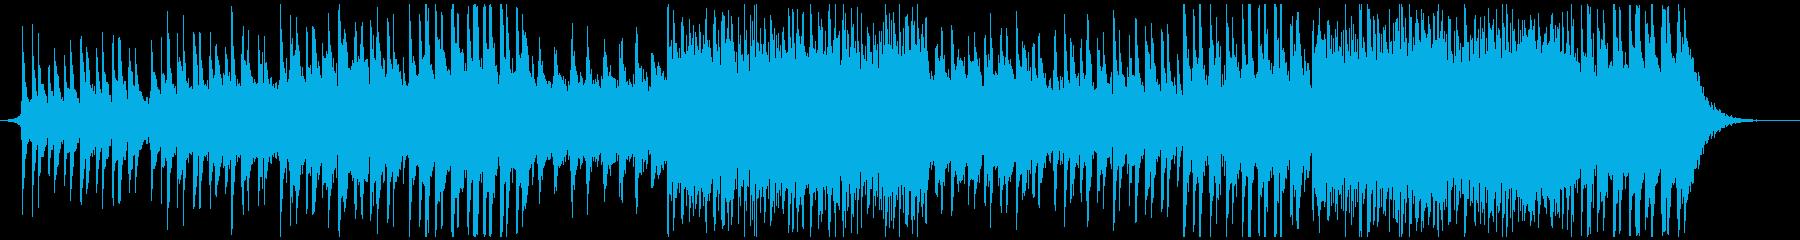 PV映像-壮大エピック-ポストロックの再生済みの波形